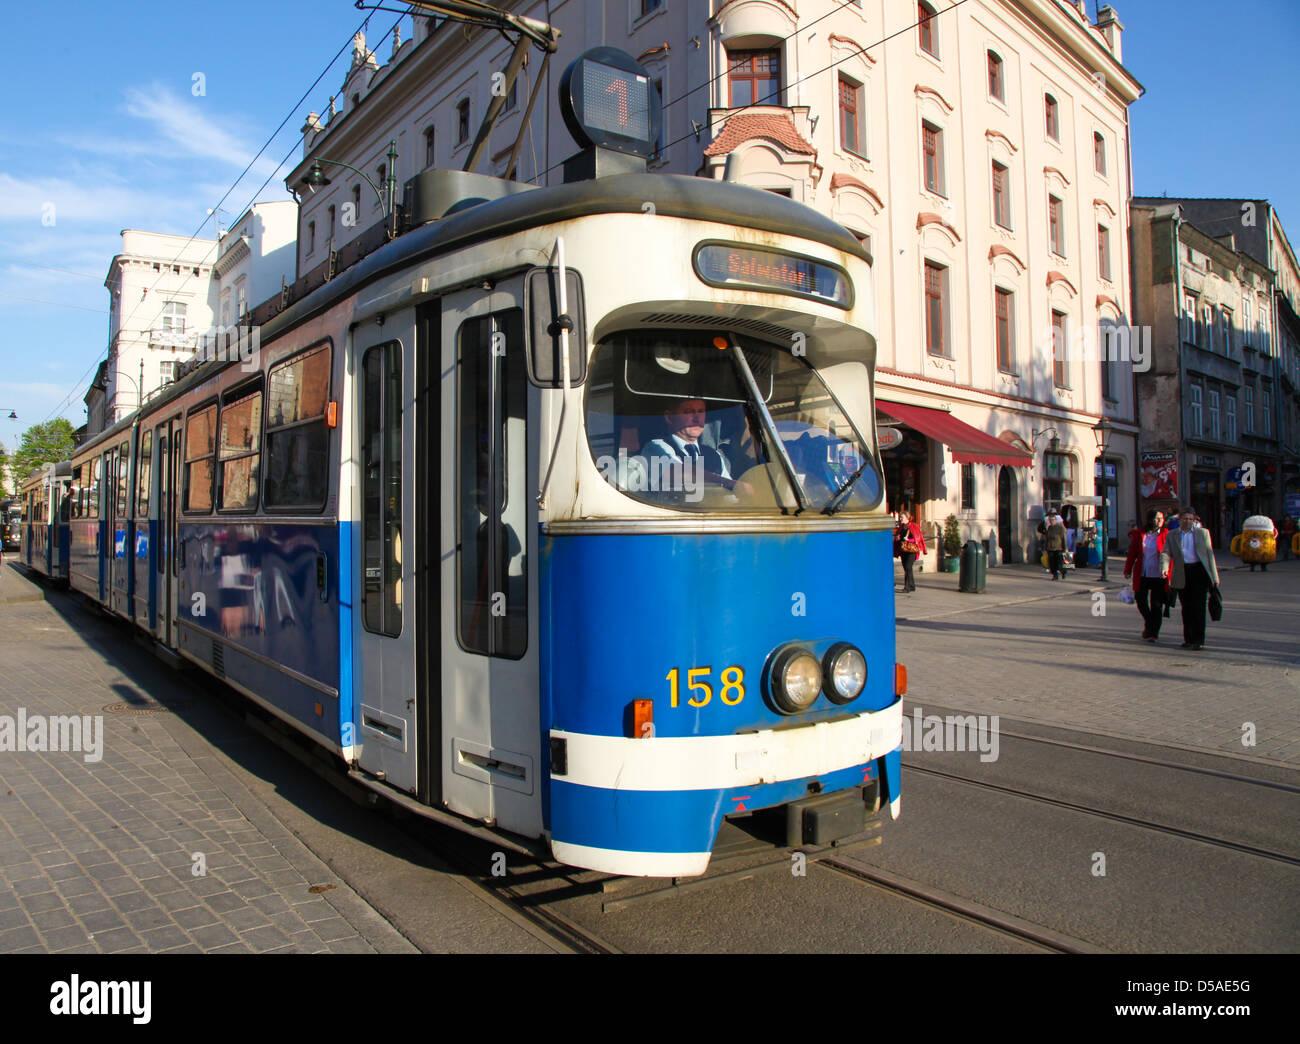 Tram on Franciscanska street, in Krakow, Poland on April 26, 2011. - Stock Image